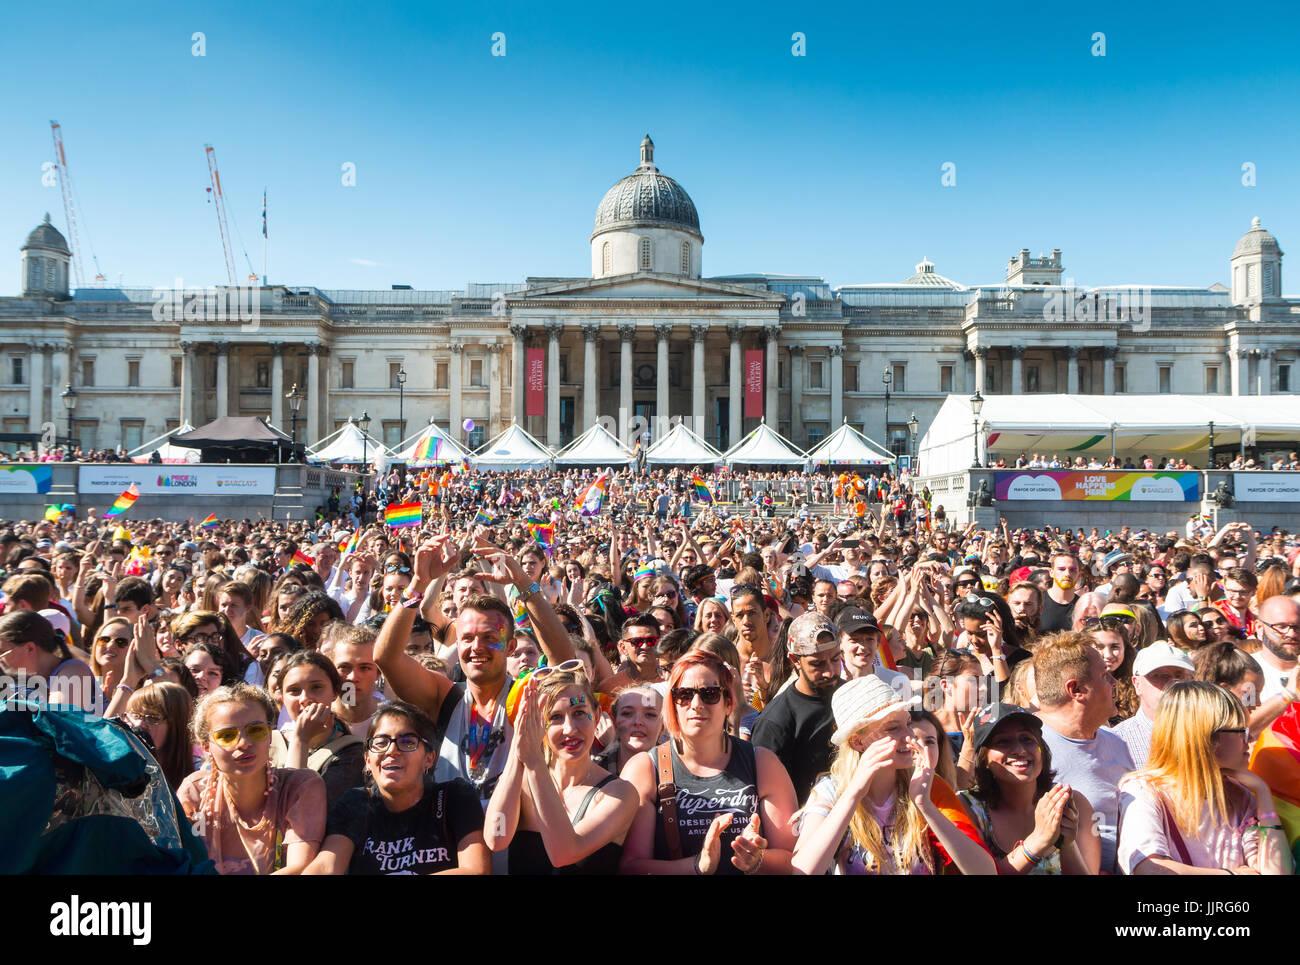 Orgullo en Londres 2017 - Etapa de Trafalgar Square Imagen De Stock